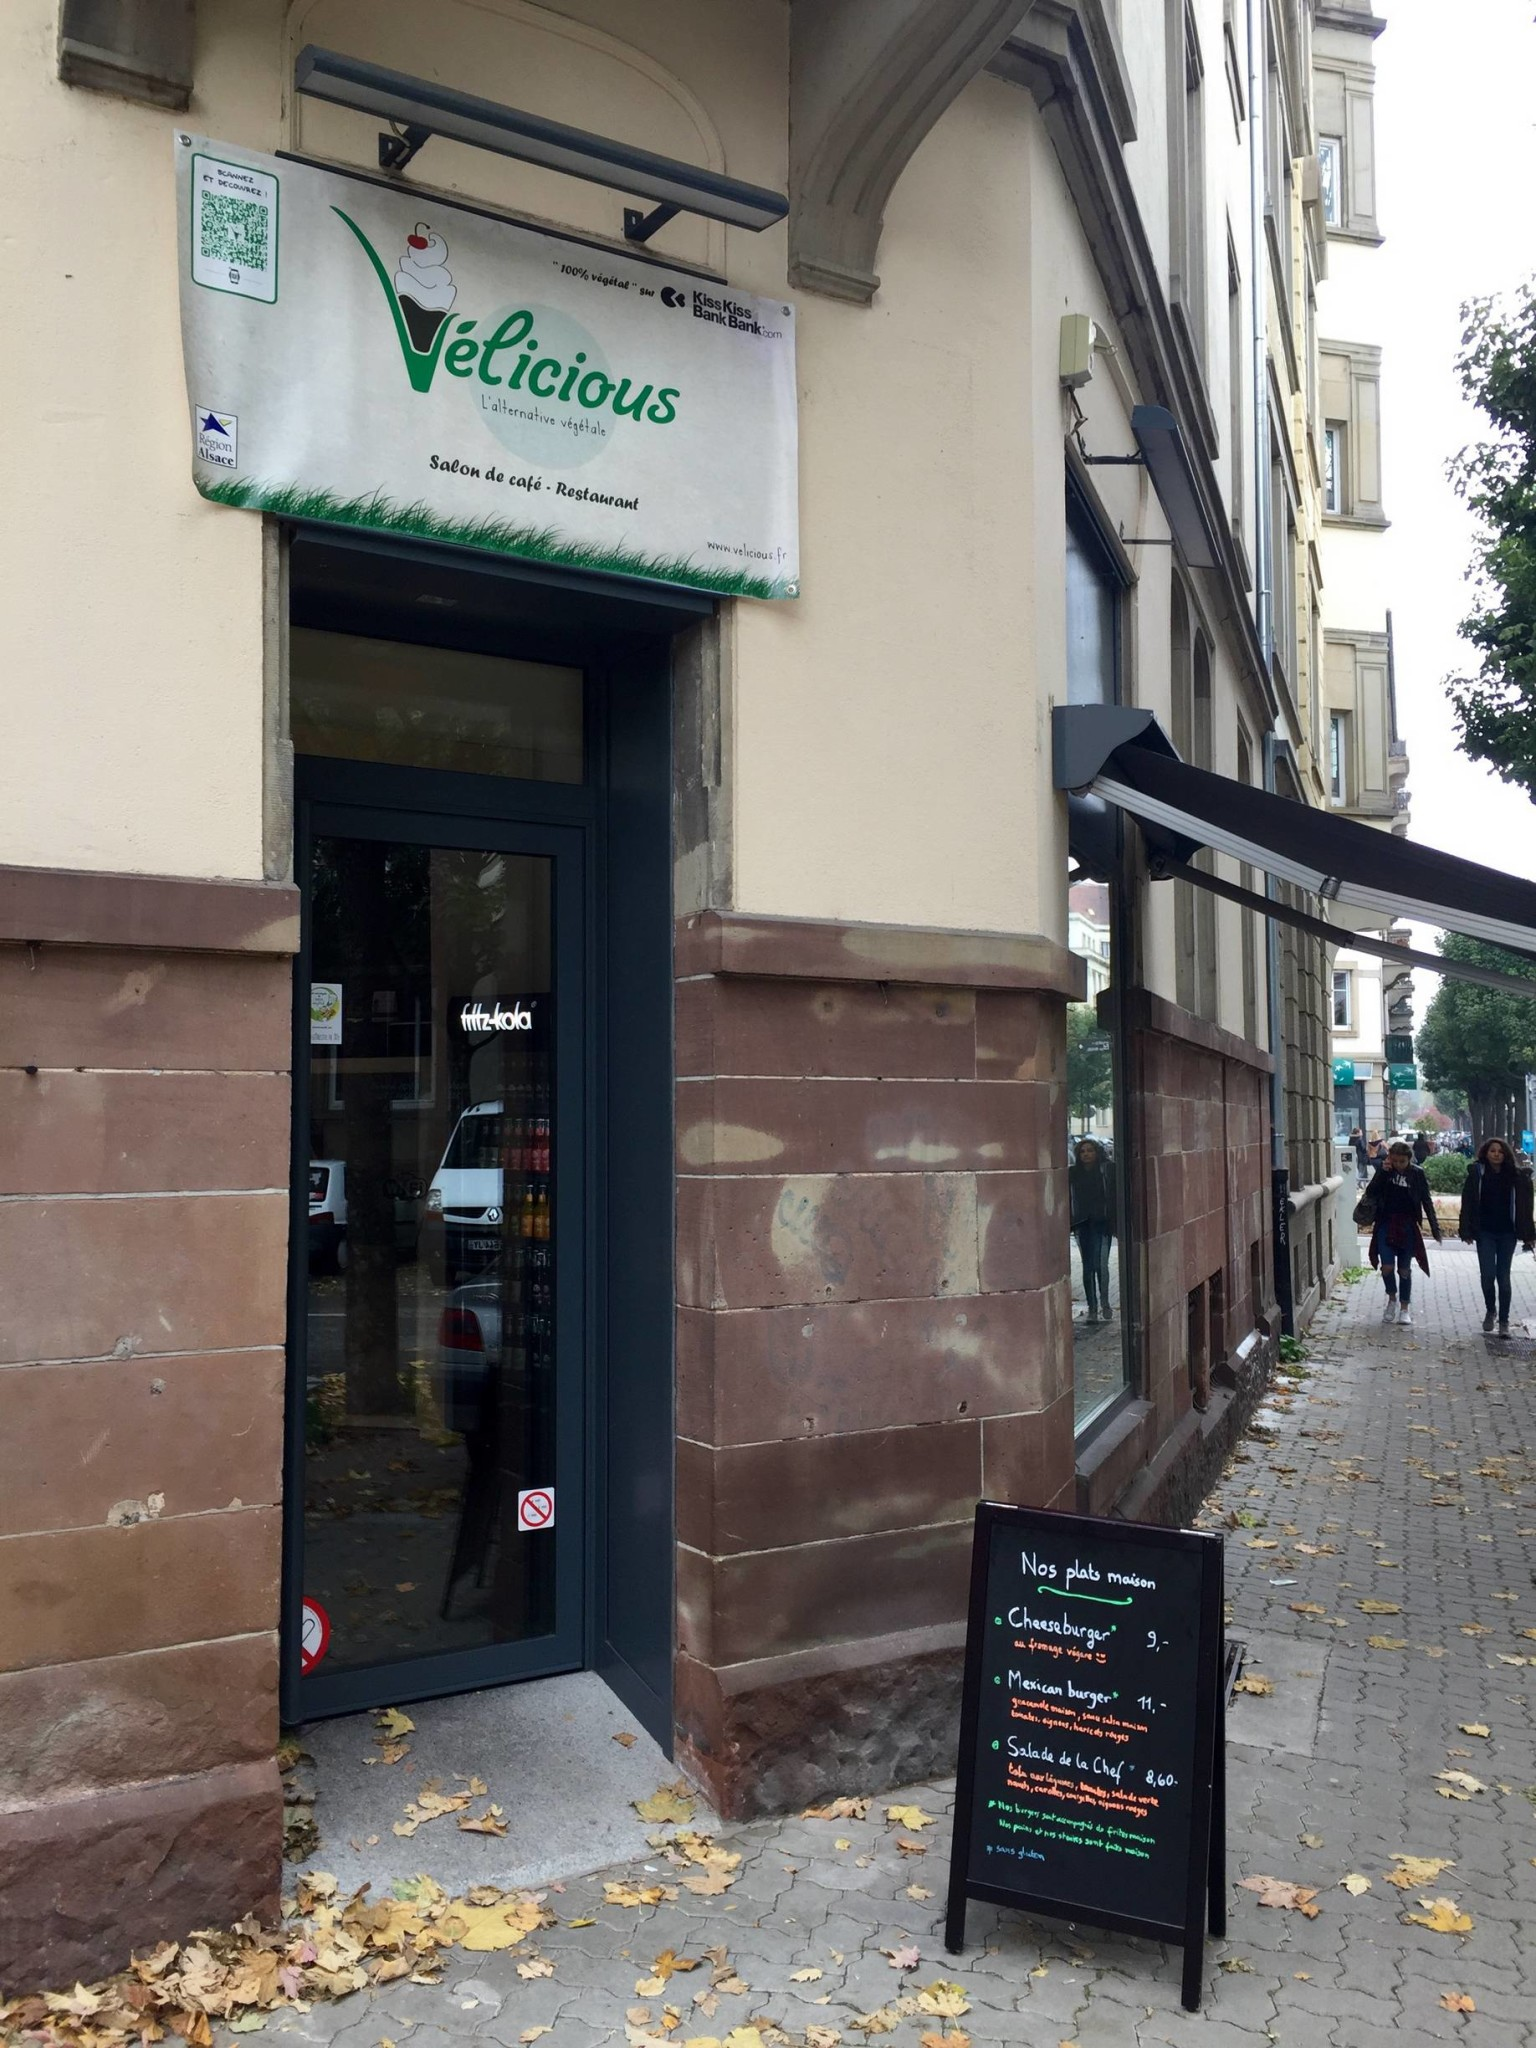 velicious restaurant vegetarien strasbourg 2 blog kapou. Black Bedroom Furniture Sets. Home Design Ideas